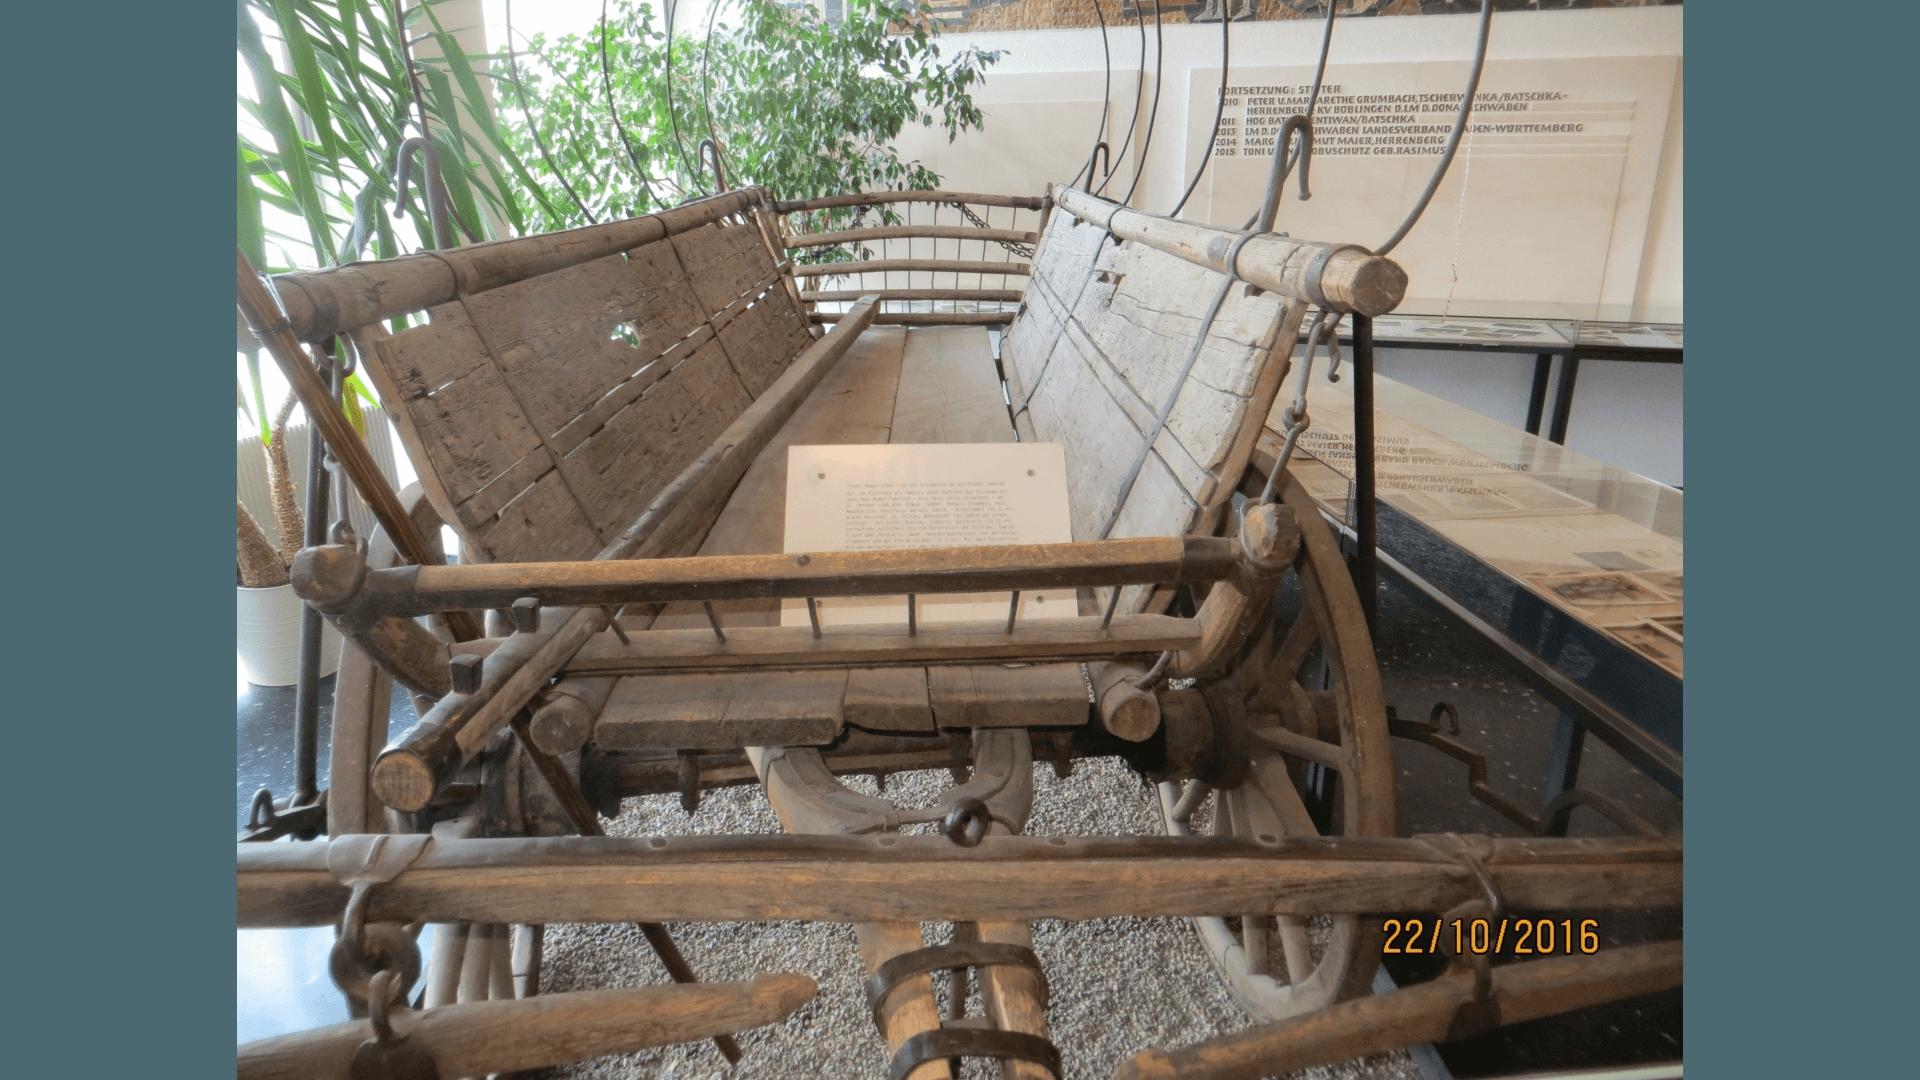 Fluchtwagen der Familie Pertschy, ansässig in München Truderring, ausgestellt im Foyer des Hauses der Donauschwaben Sindelfingen. Foto: Archiv Freundeskreis Filipowa